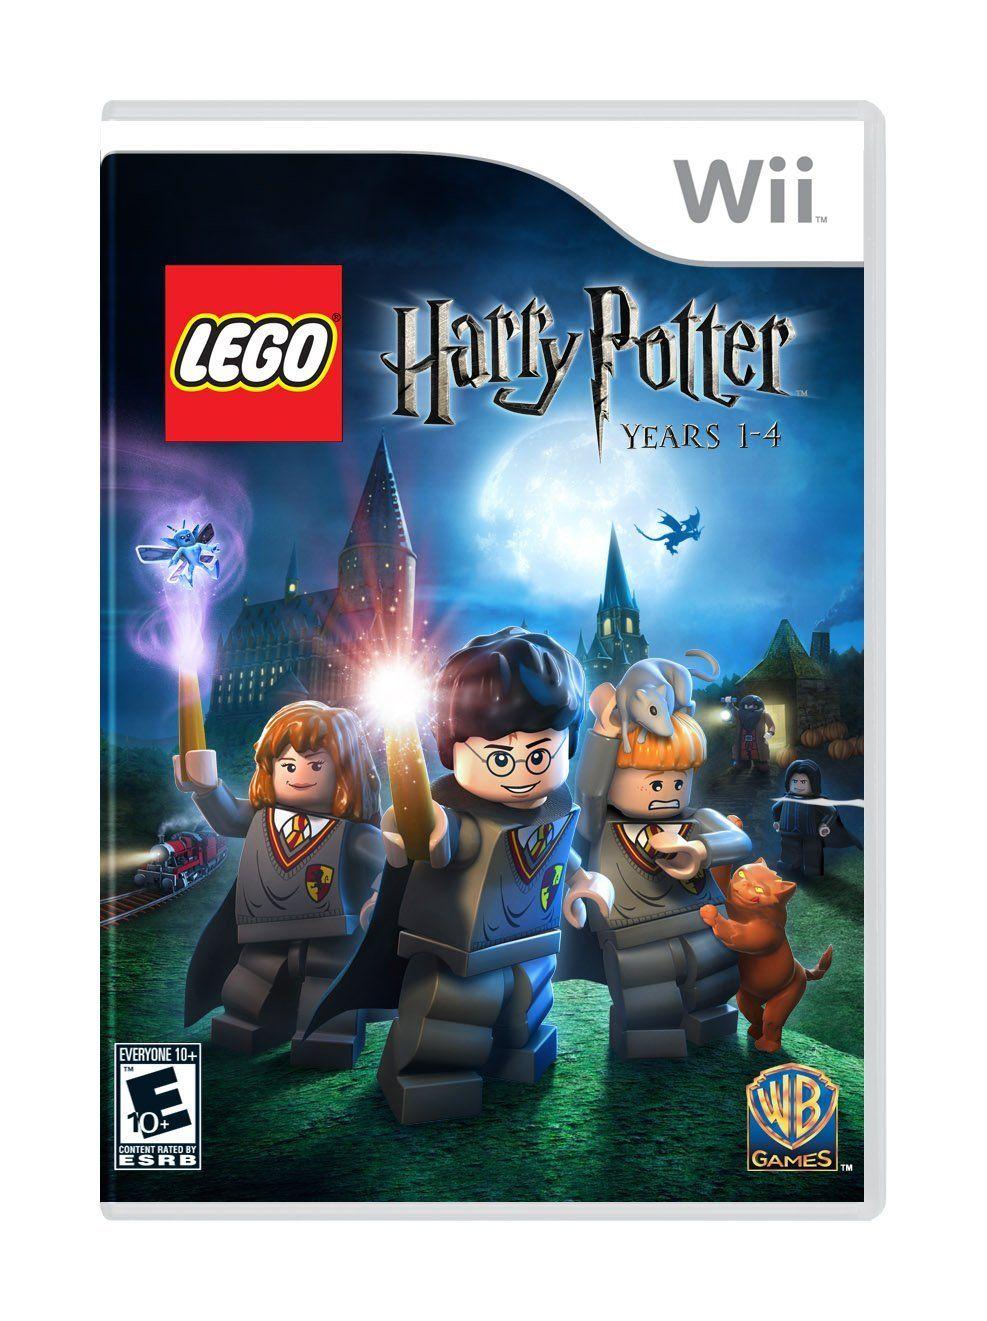 For J Amazon Com Lego Harry Potter Years 1 4 Nintendo Wii Video Games Lego Harry Potter Harry Potter Years Lego Hogwarts